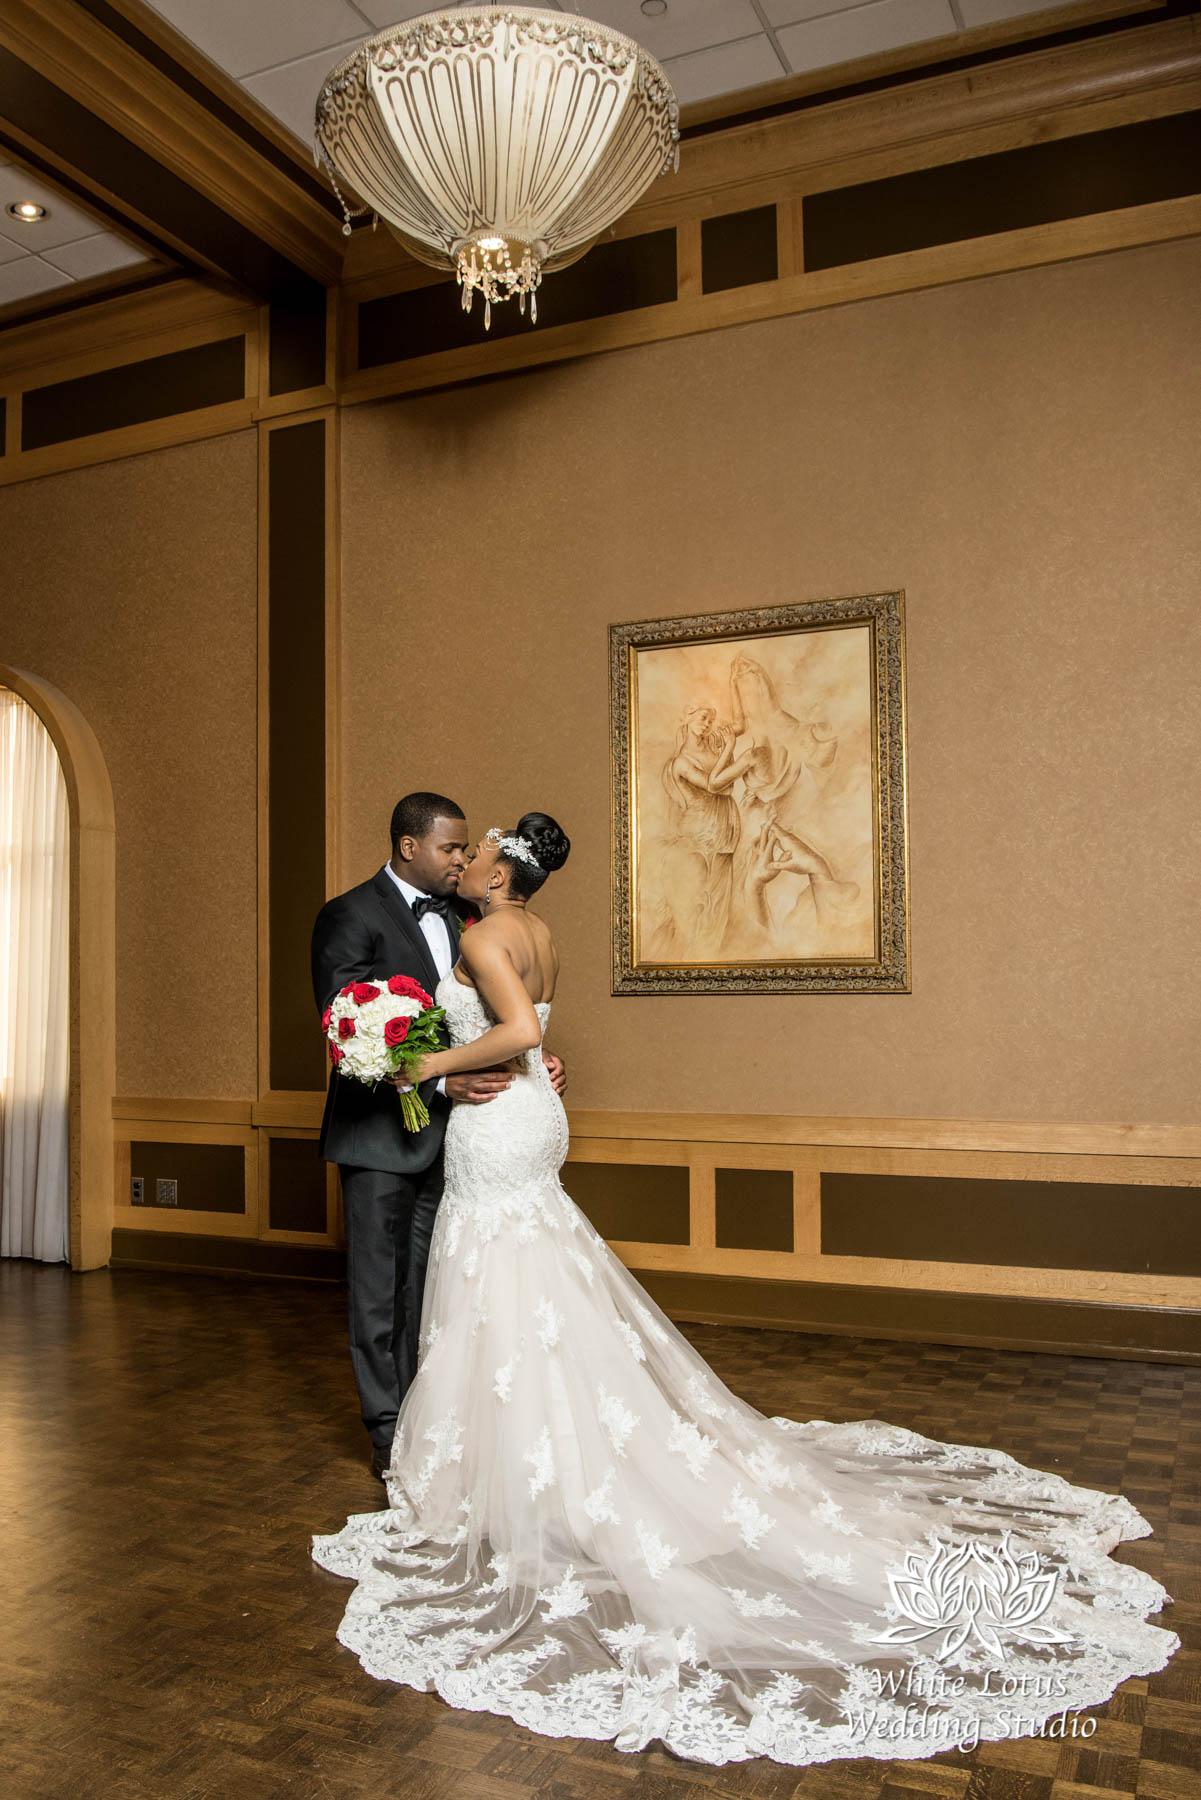 270 - Wedding - Toronto - Fontana Primavera Event Centre